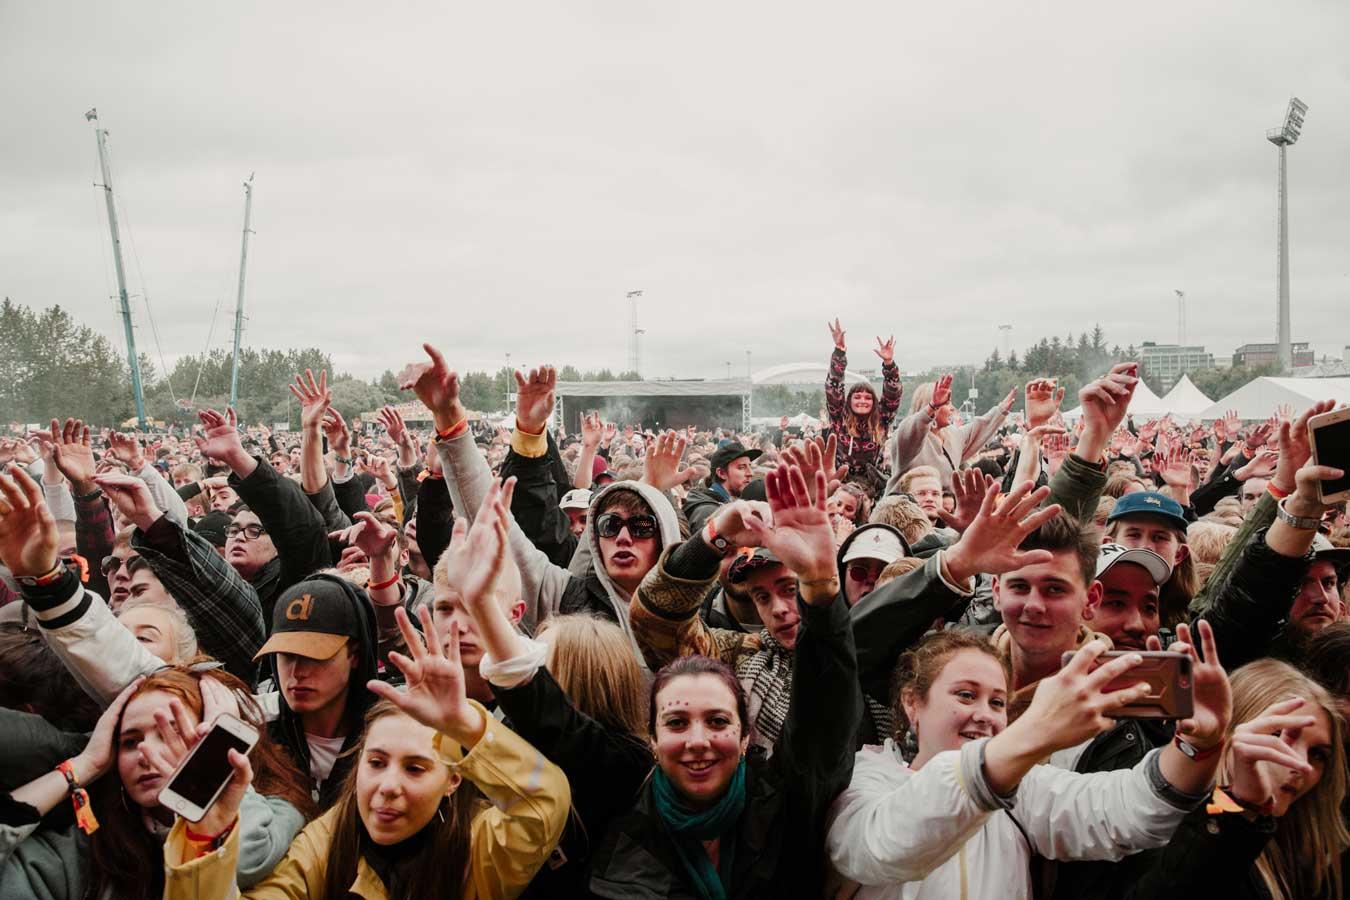 Secret solstice festival island hip hop youth iceland live